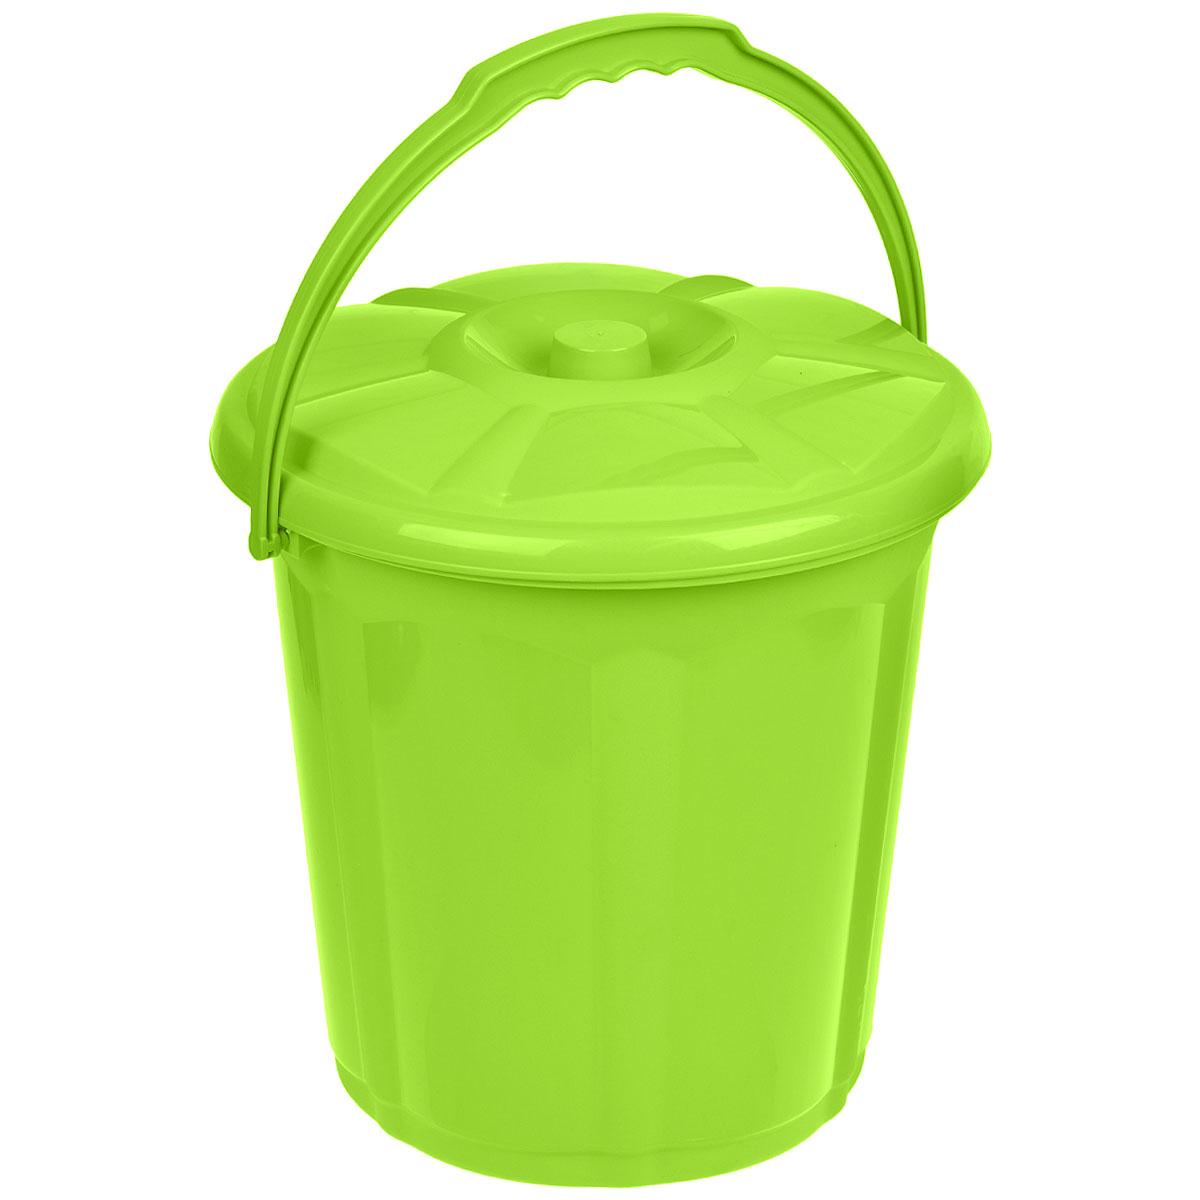 Ведро для мусора Dunya Plastik Стиль, с крышкой, цвет: зеленый, 15 л9104Ведро Dunya Plastik Стиль изготовлено из прочного пластика. Ведро оснащено закрывающейся крышкой и удобной ручкой. Такое ведро прекрасно подойдет для различных хозяйственных нужд: для уборки или хранения мусора Диаметр ведра (по верхнему краю): 30 см. Высота (без учета крышки): 30,5 см.